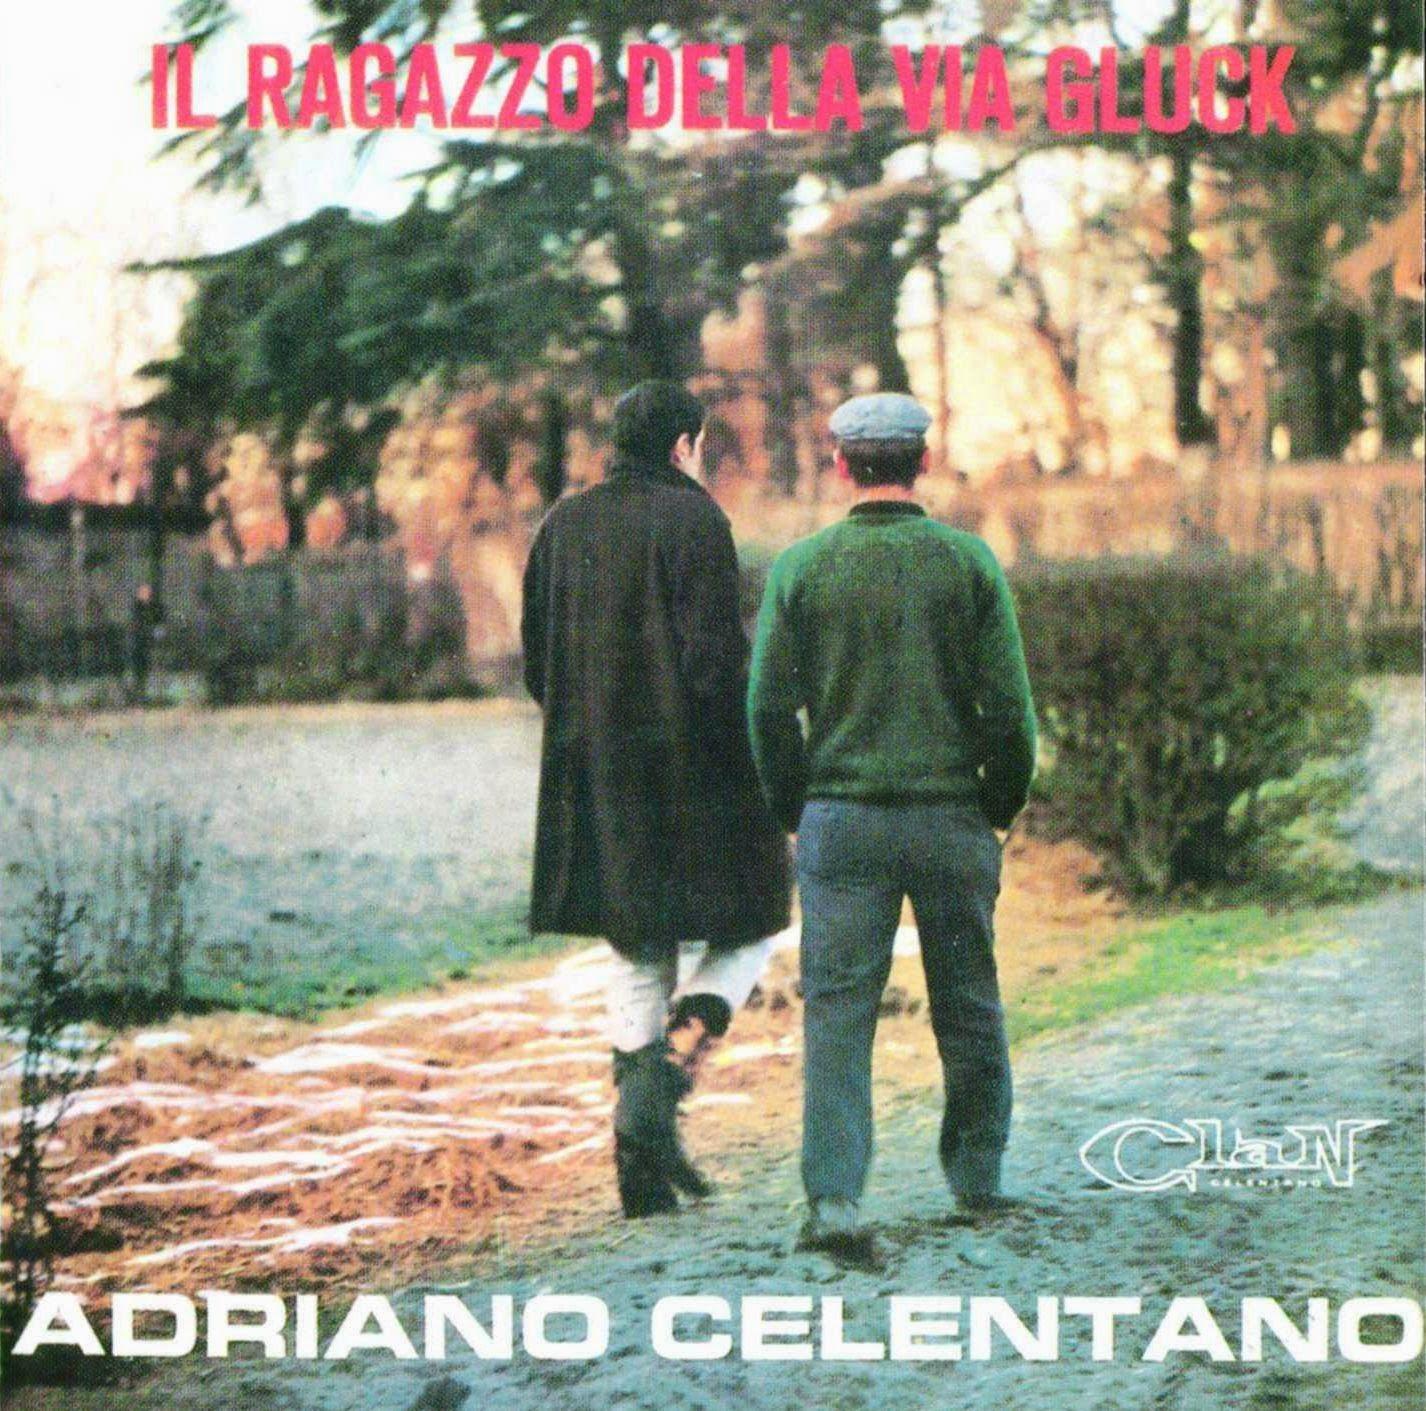 adriano_celentano_il_ragazzo_della_via_gluck.jpg